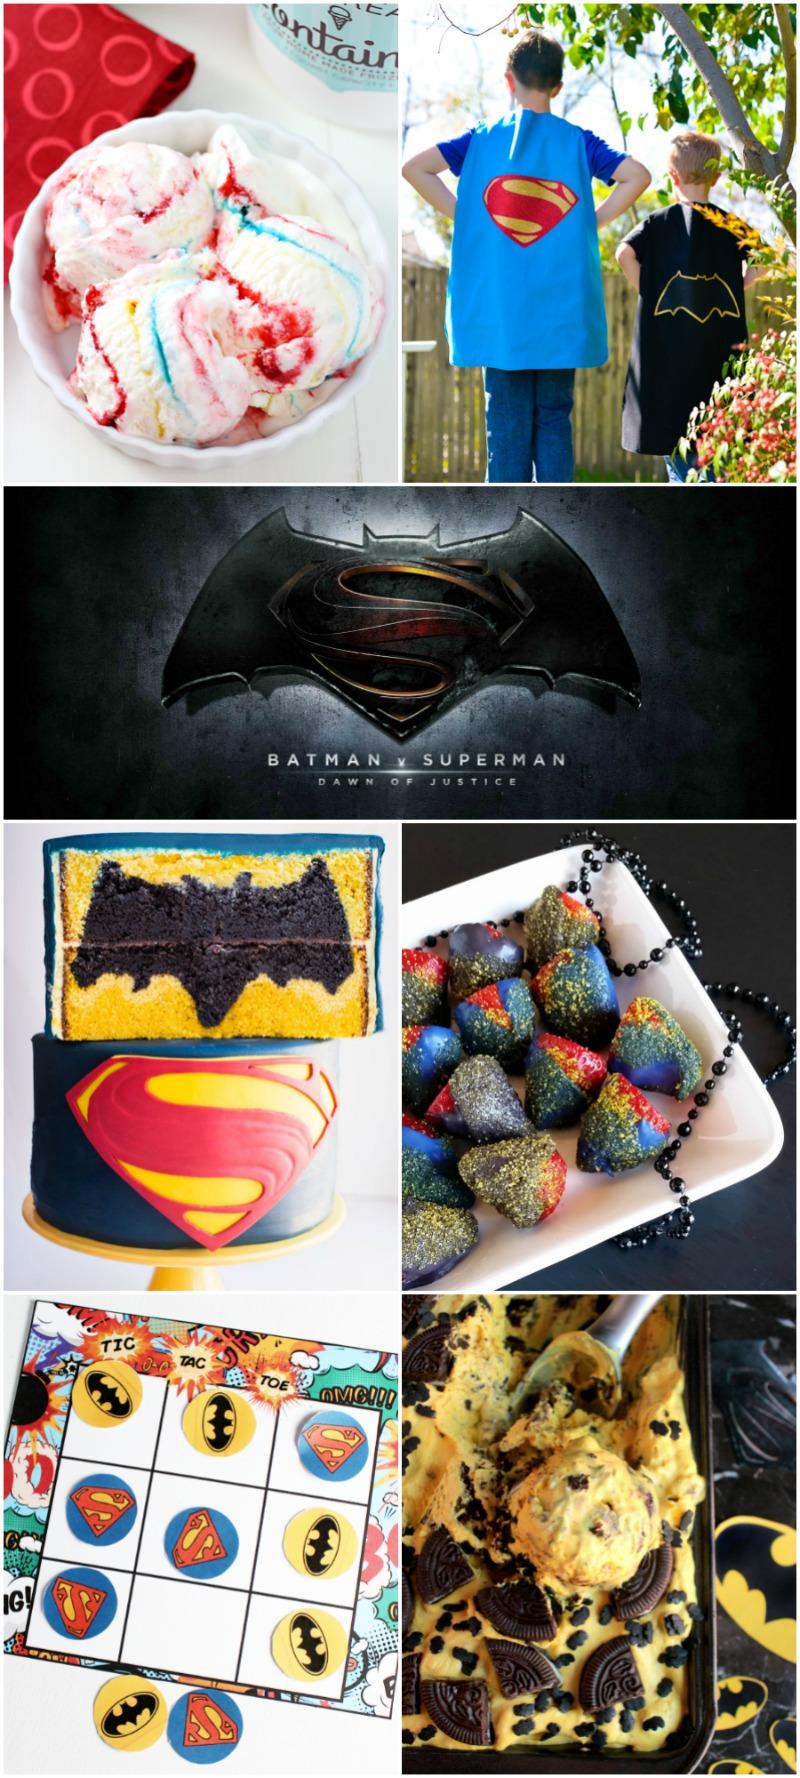 Batman Ice Cream - Banana and Chocolate Cookie Ice Cream {No Ice Cream Machine Needed} #BatmanvsSuperman